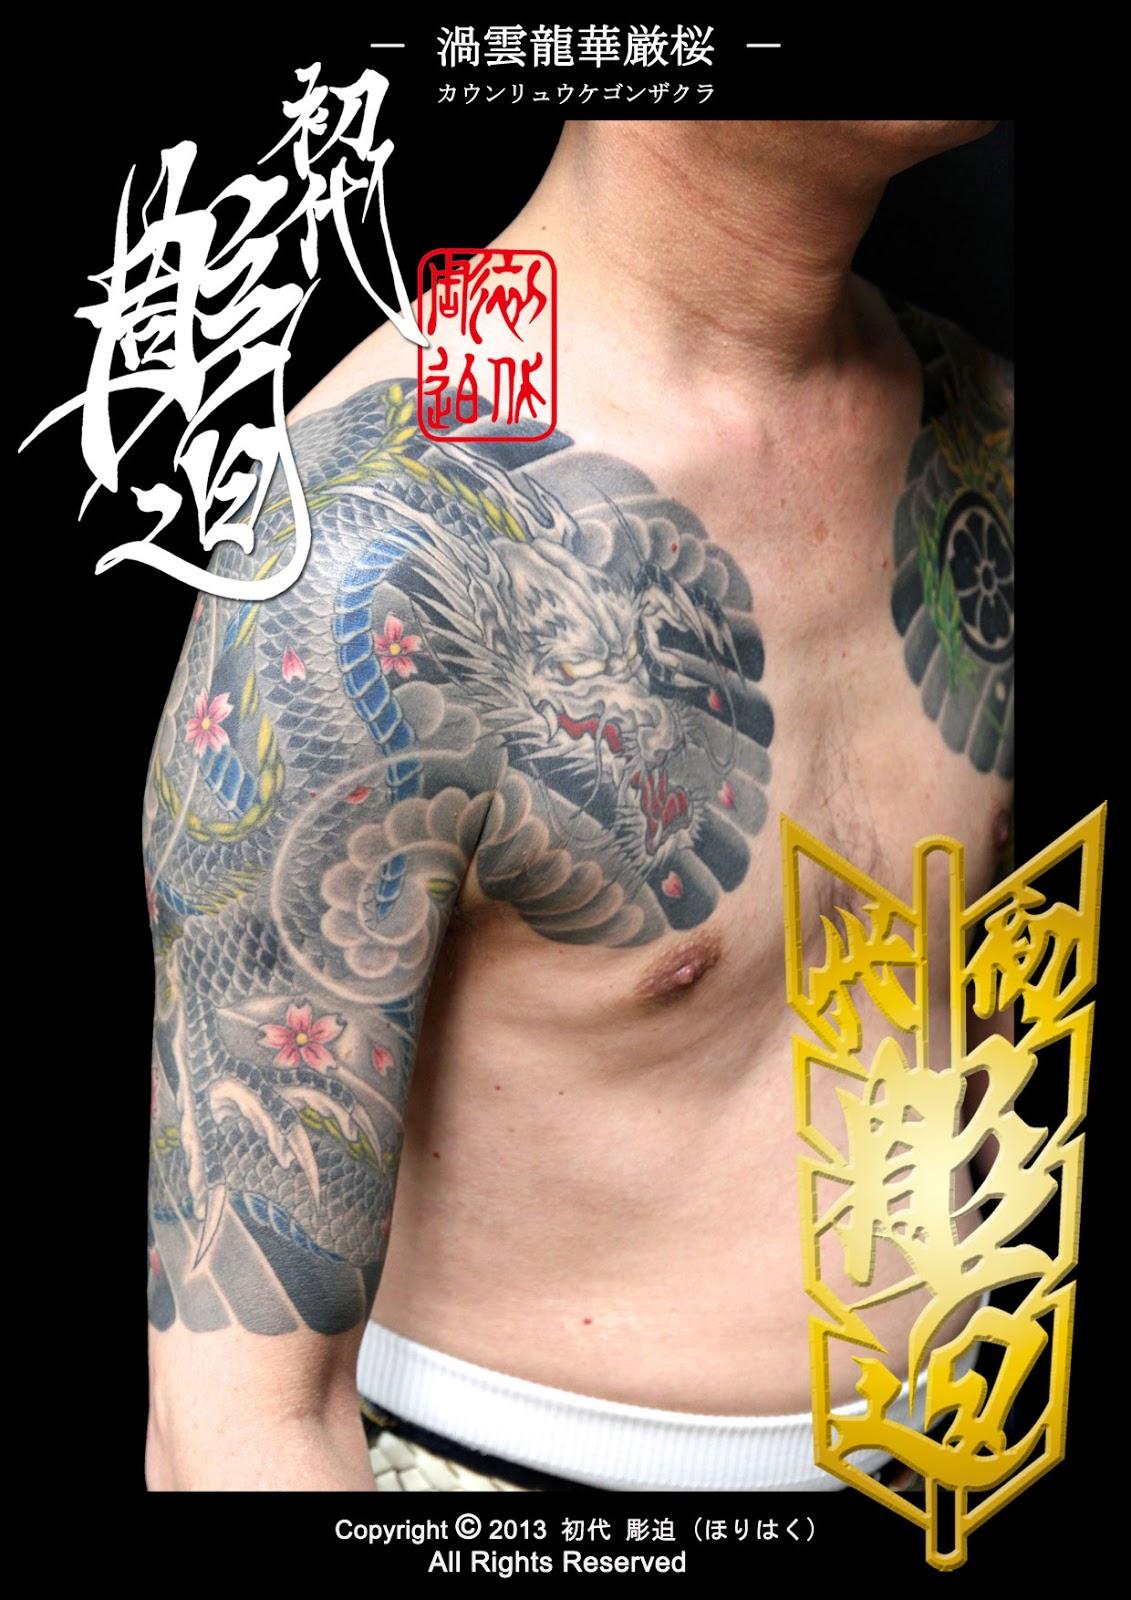 刺青デザイン和彫り 龍 刺青,龍,桜,刺青画像,和彫り,額彫り,入れ墨.tattoo画像,タトゥーデザイン,刺青デザイン,タトゥースタジオ